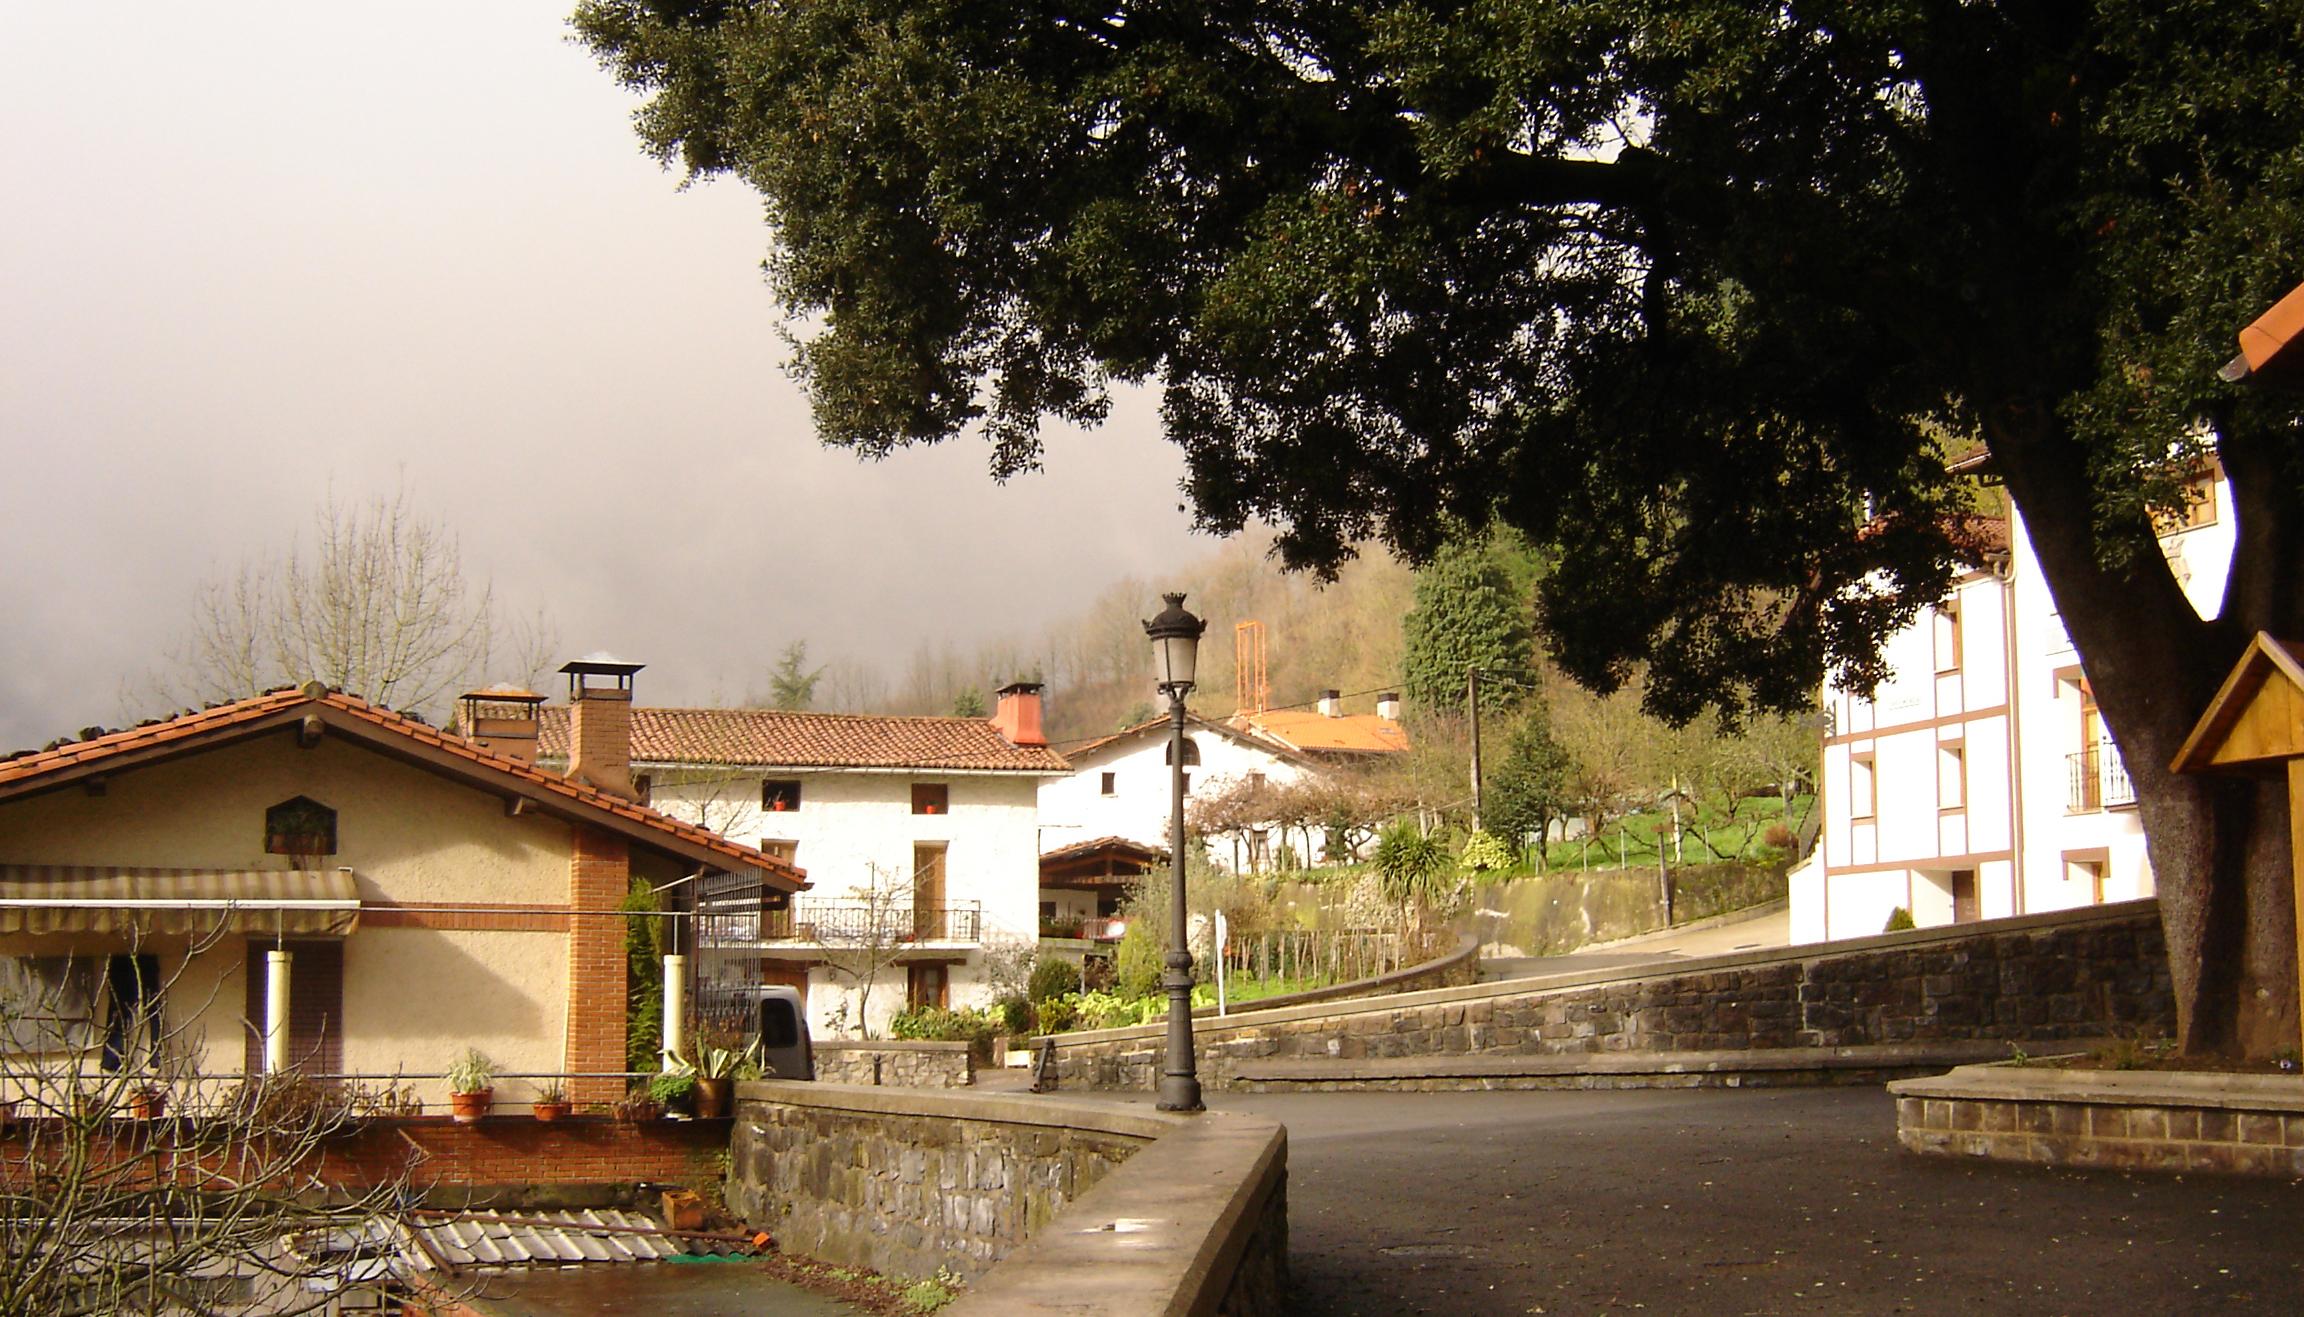 Altzaga (Guipúzcoa) - Qué visitar en el País Vasco